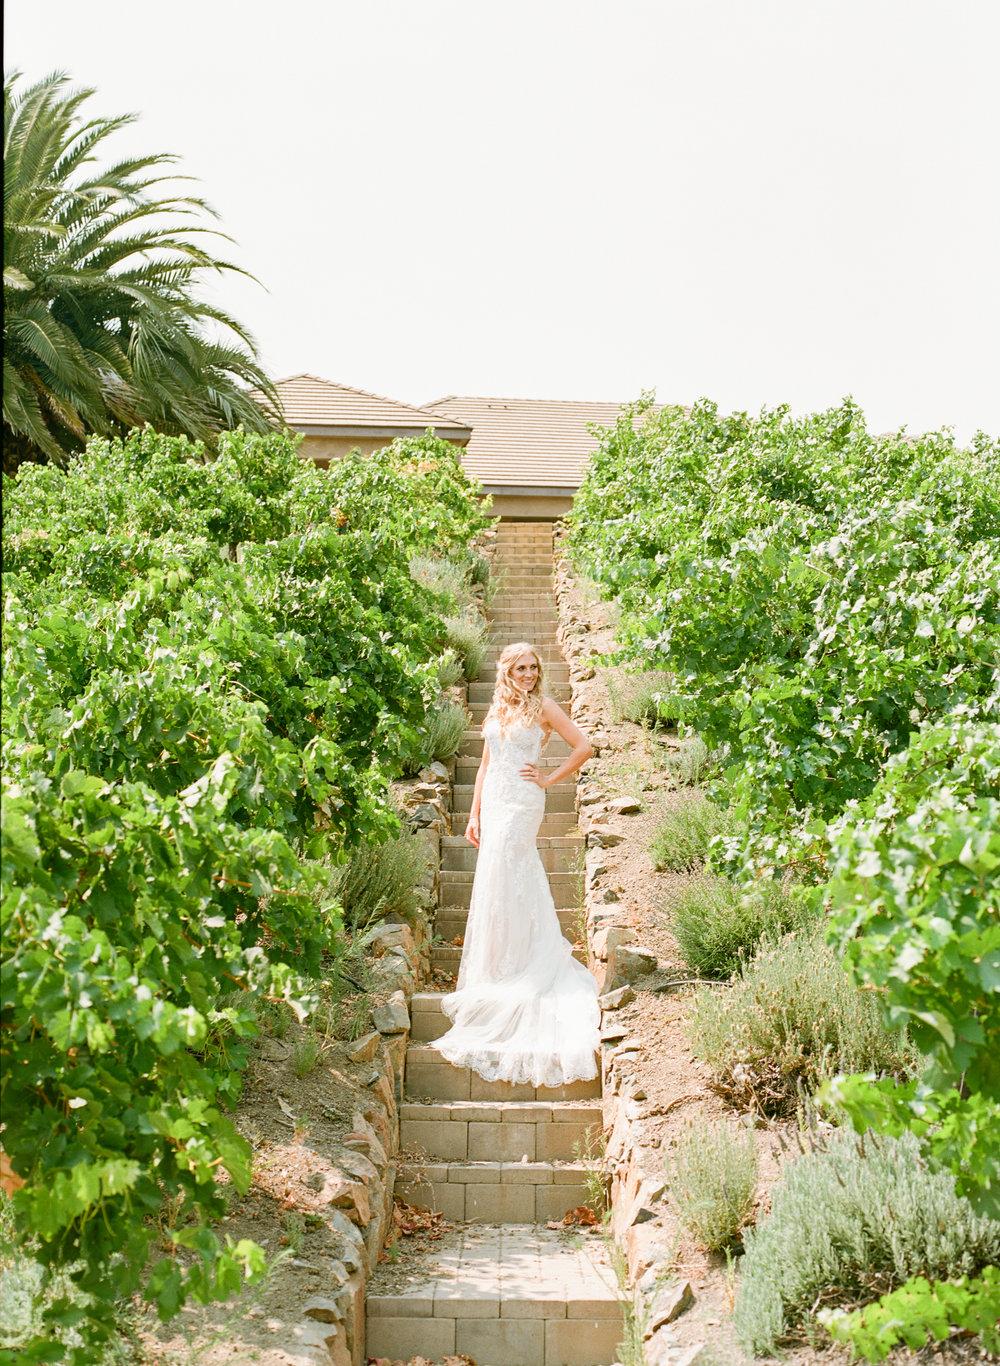 dennisroycoronel_ashleyanthony_vanessahudgens_austinbutler_wedding_losangeles_photographer-96.jpg